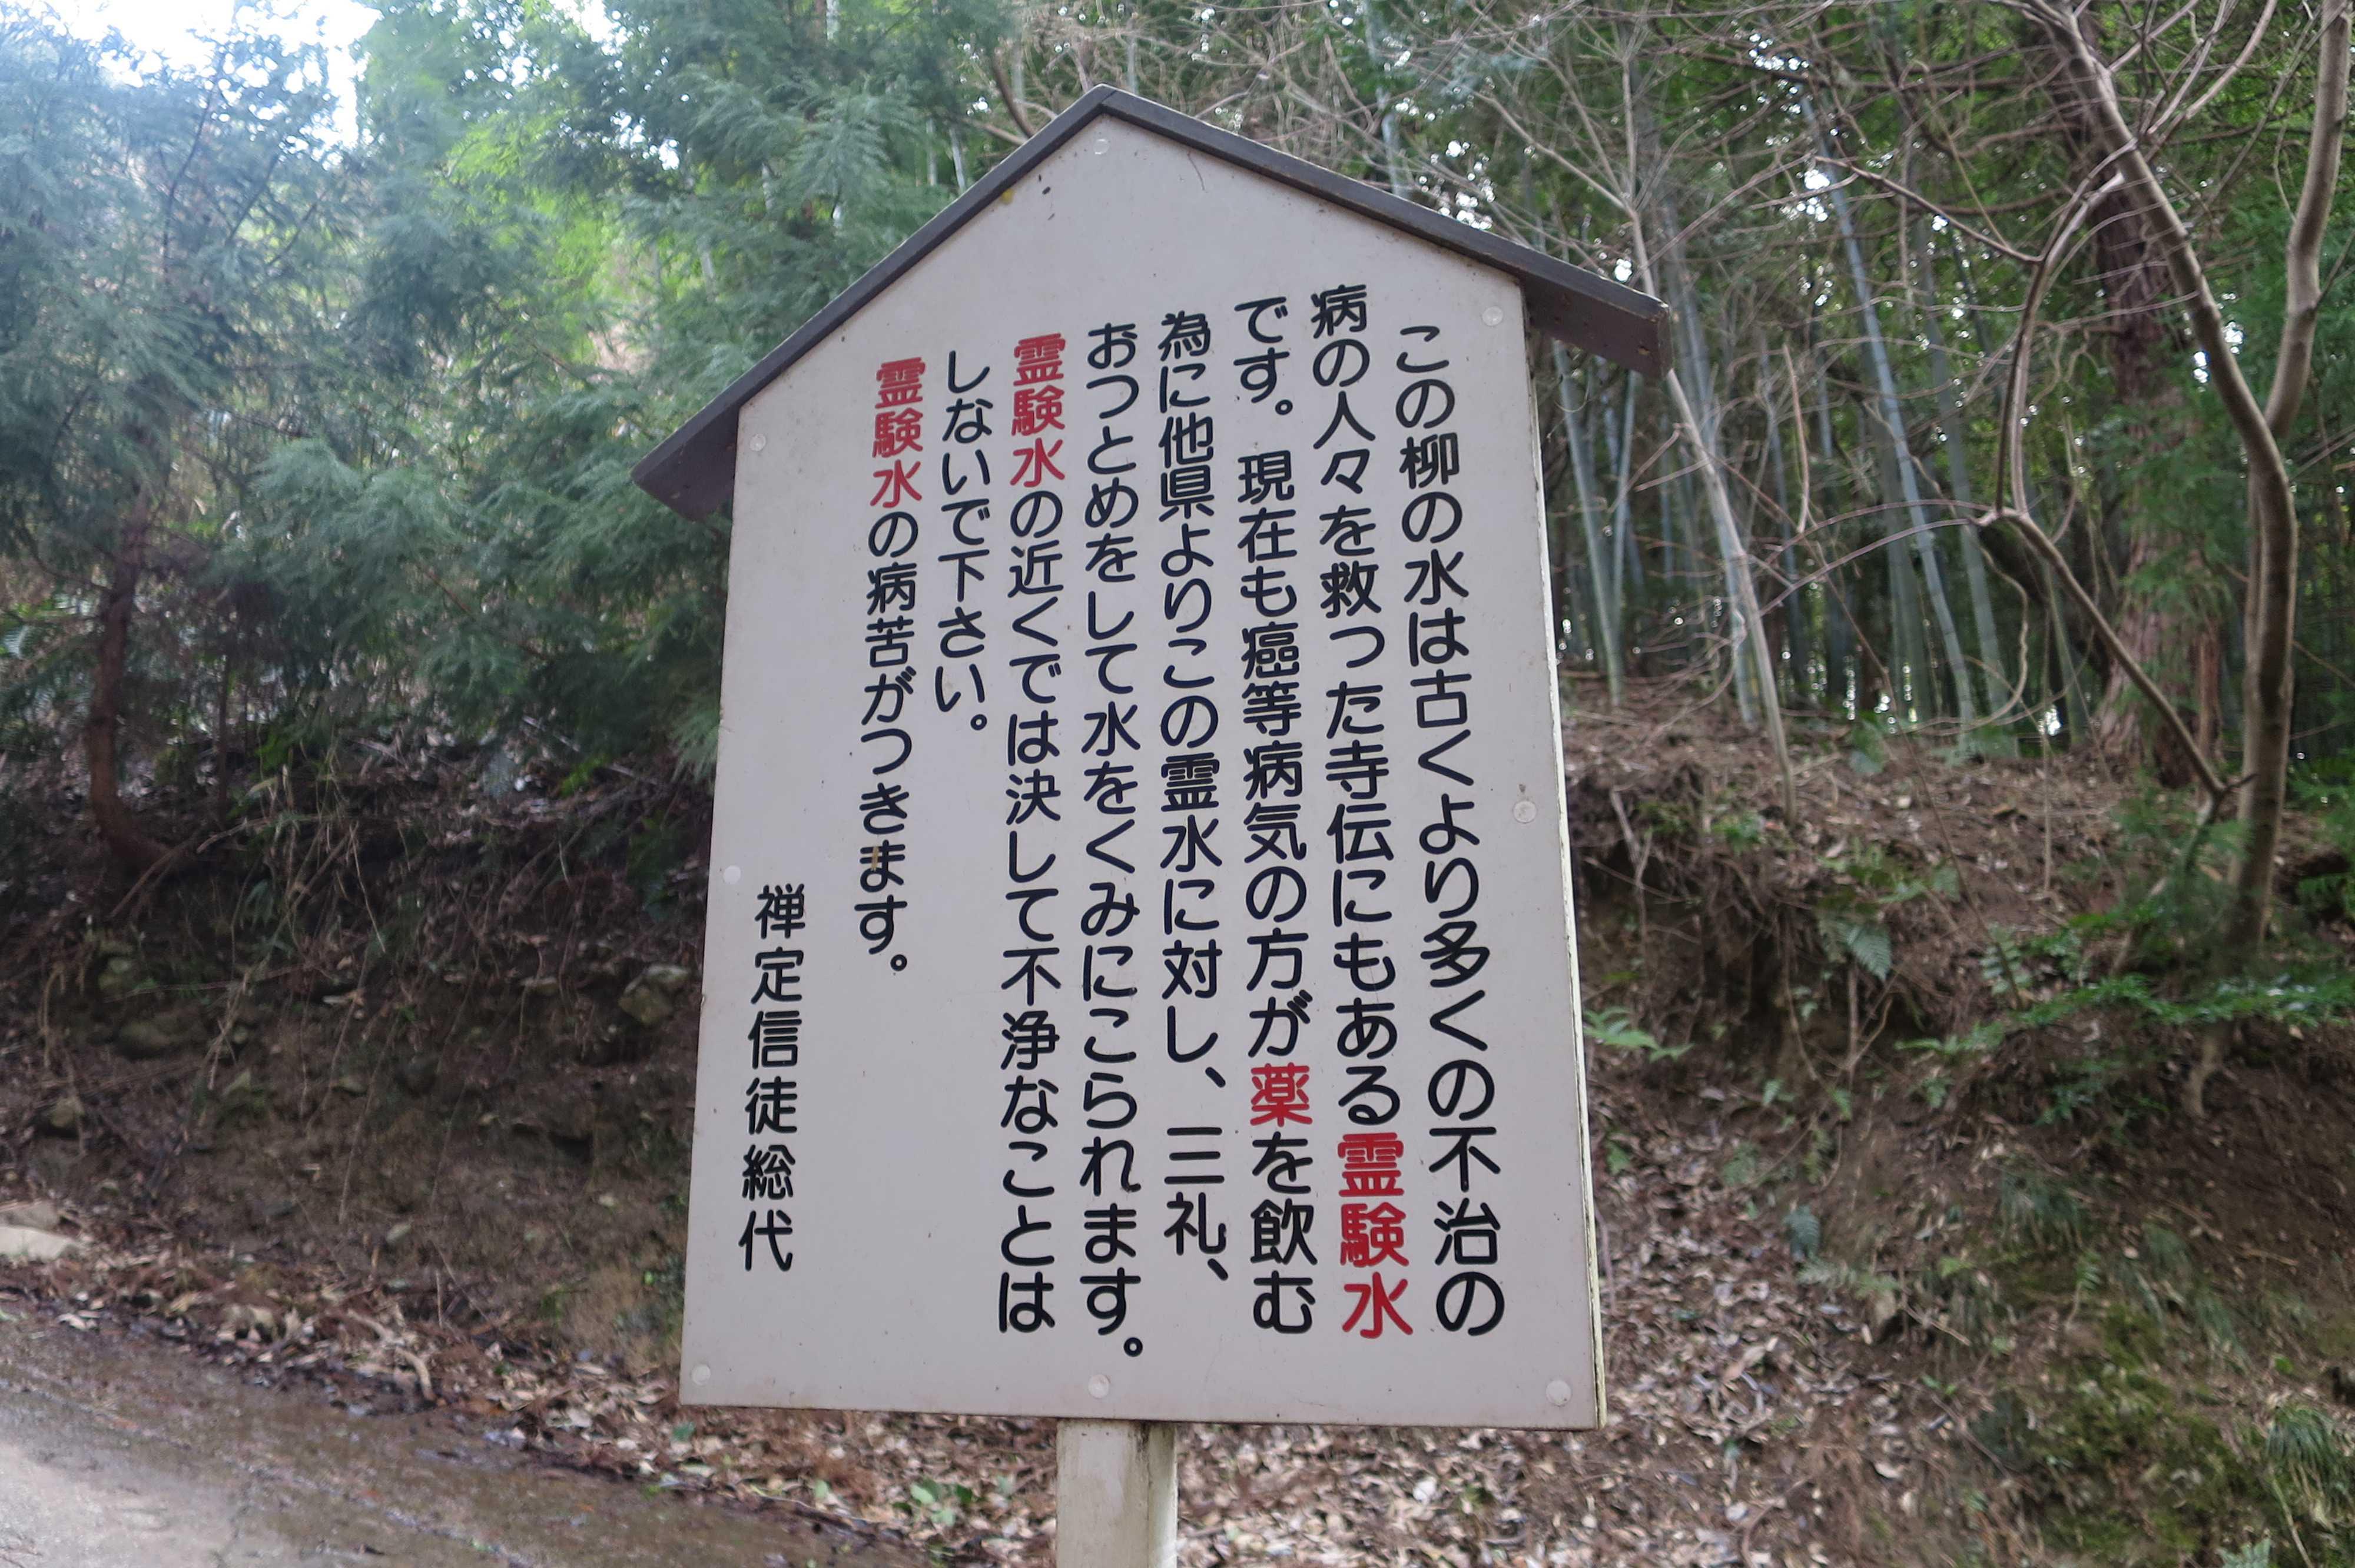 柳の水 - 奥の院捨身ヶ嶽禅定